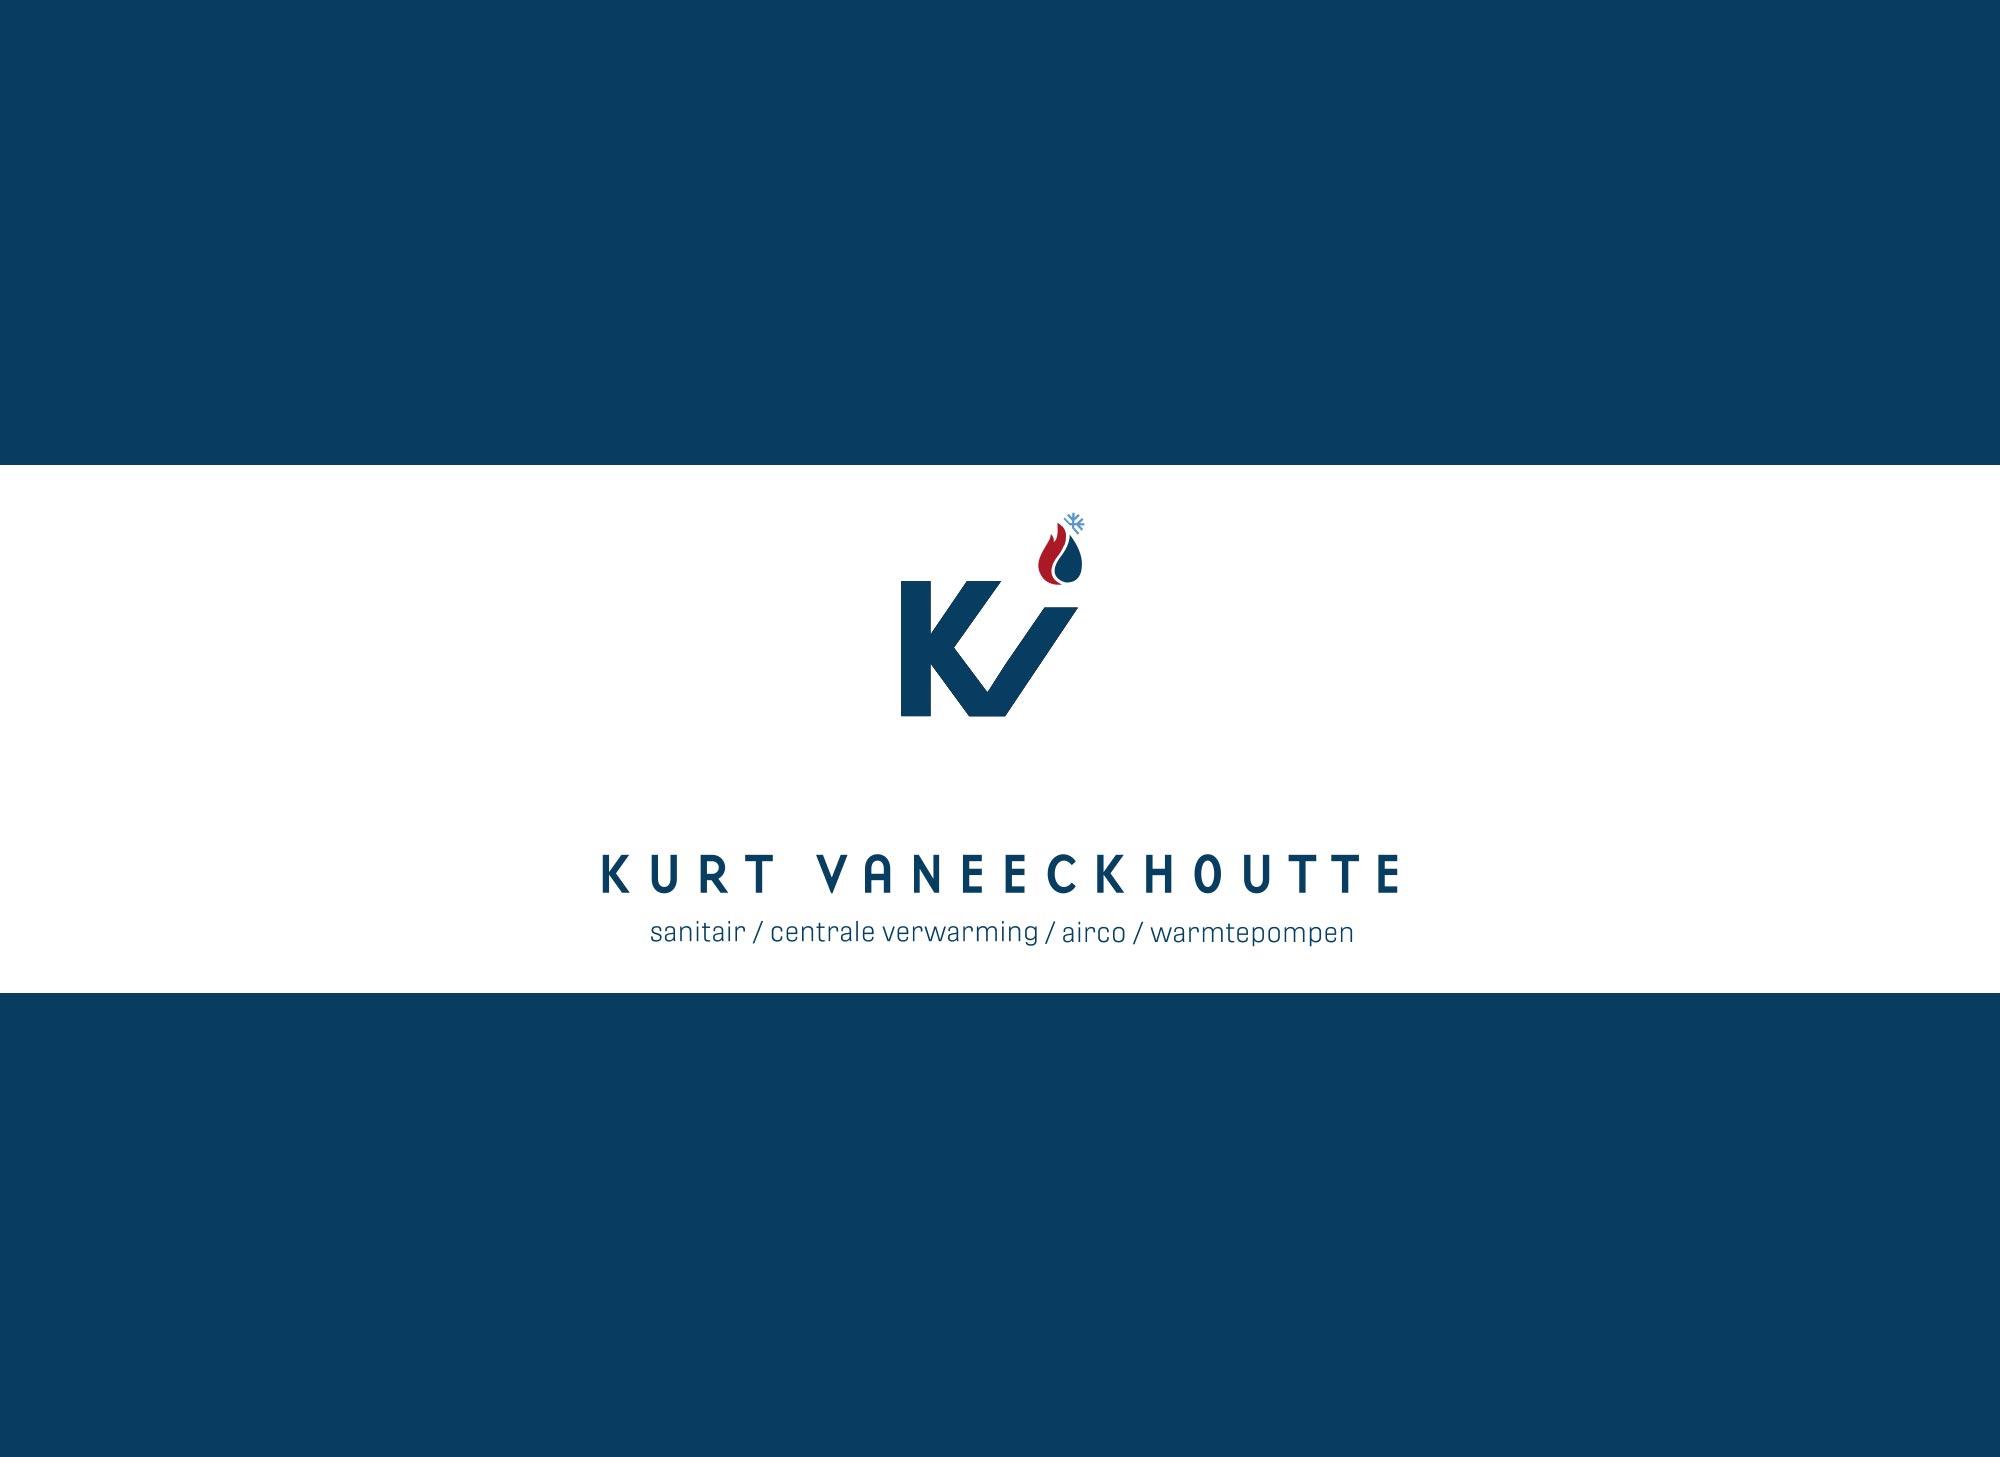 Kurt Vaneeckhoutte - Eagl